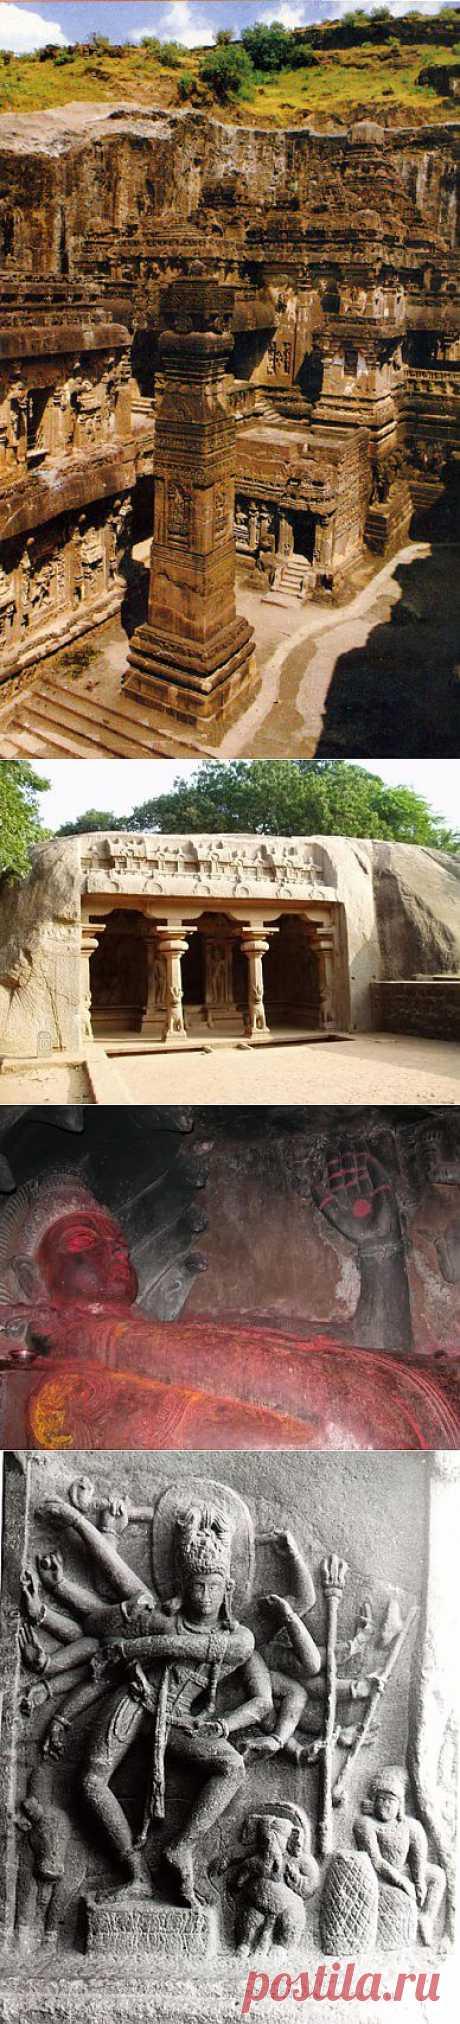 Пещерные храмы Индии | ТУРИЗМ И ОТДЫХ